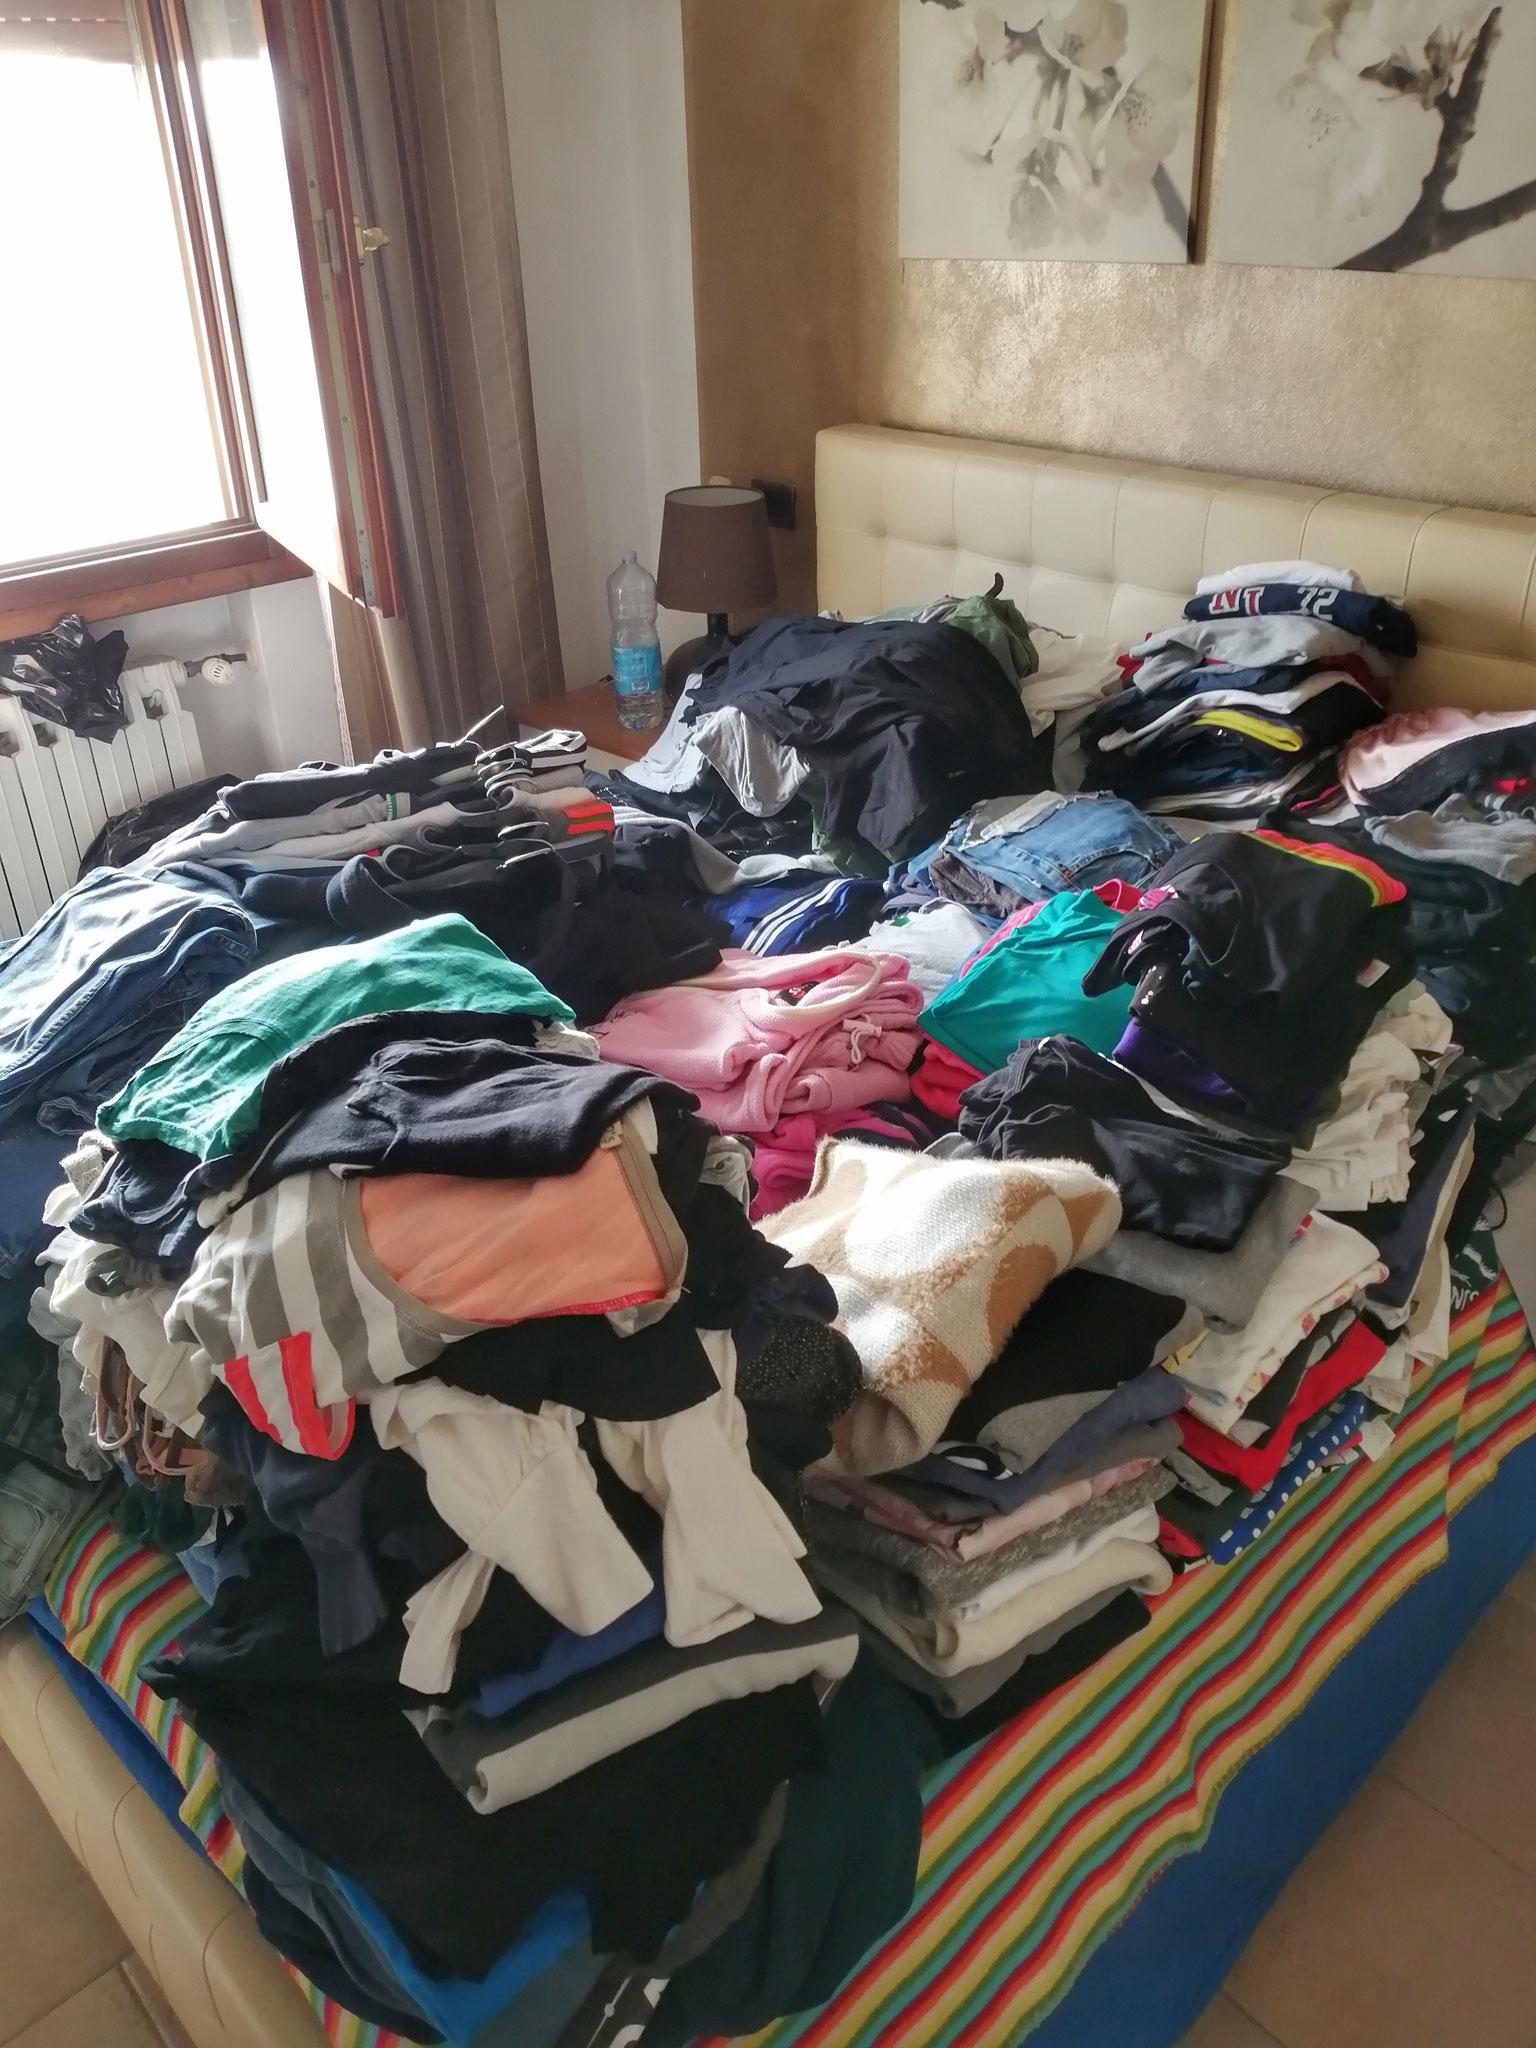 Il momento shock quando si tira fuori tutto e ci si rende conto di quanti vestiti si posseggono